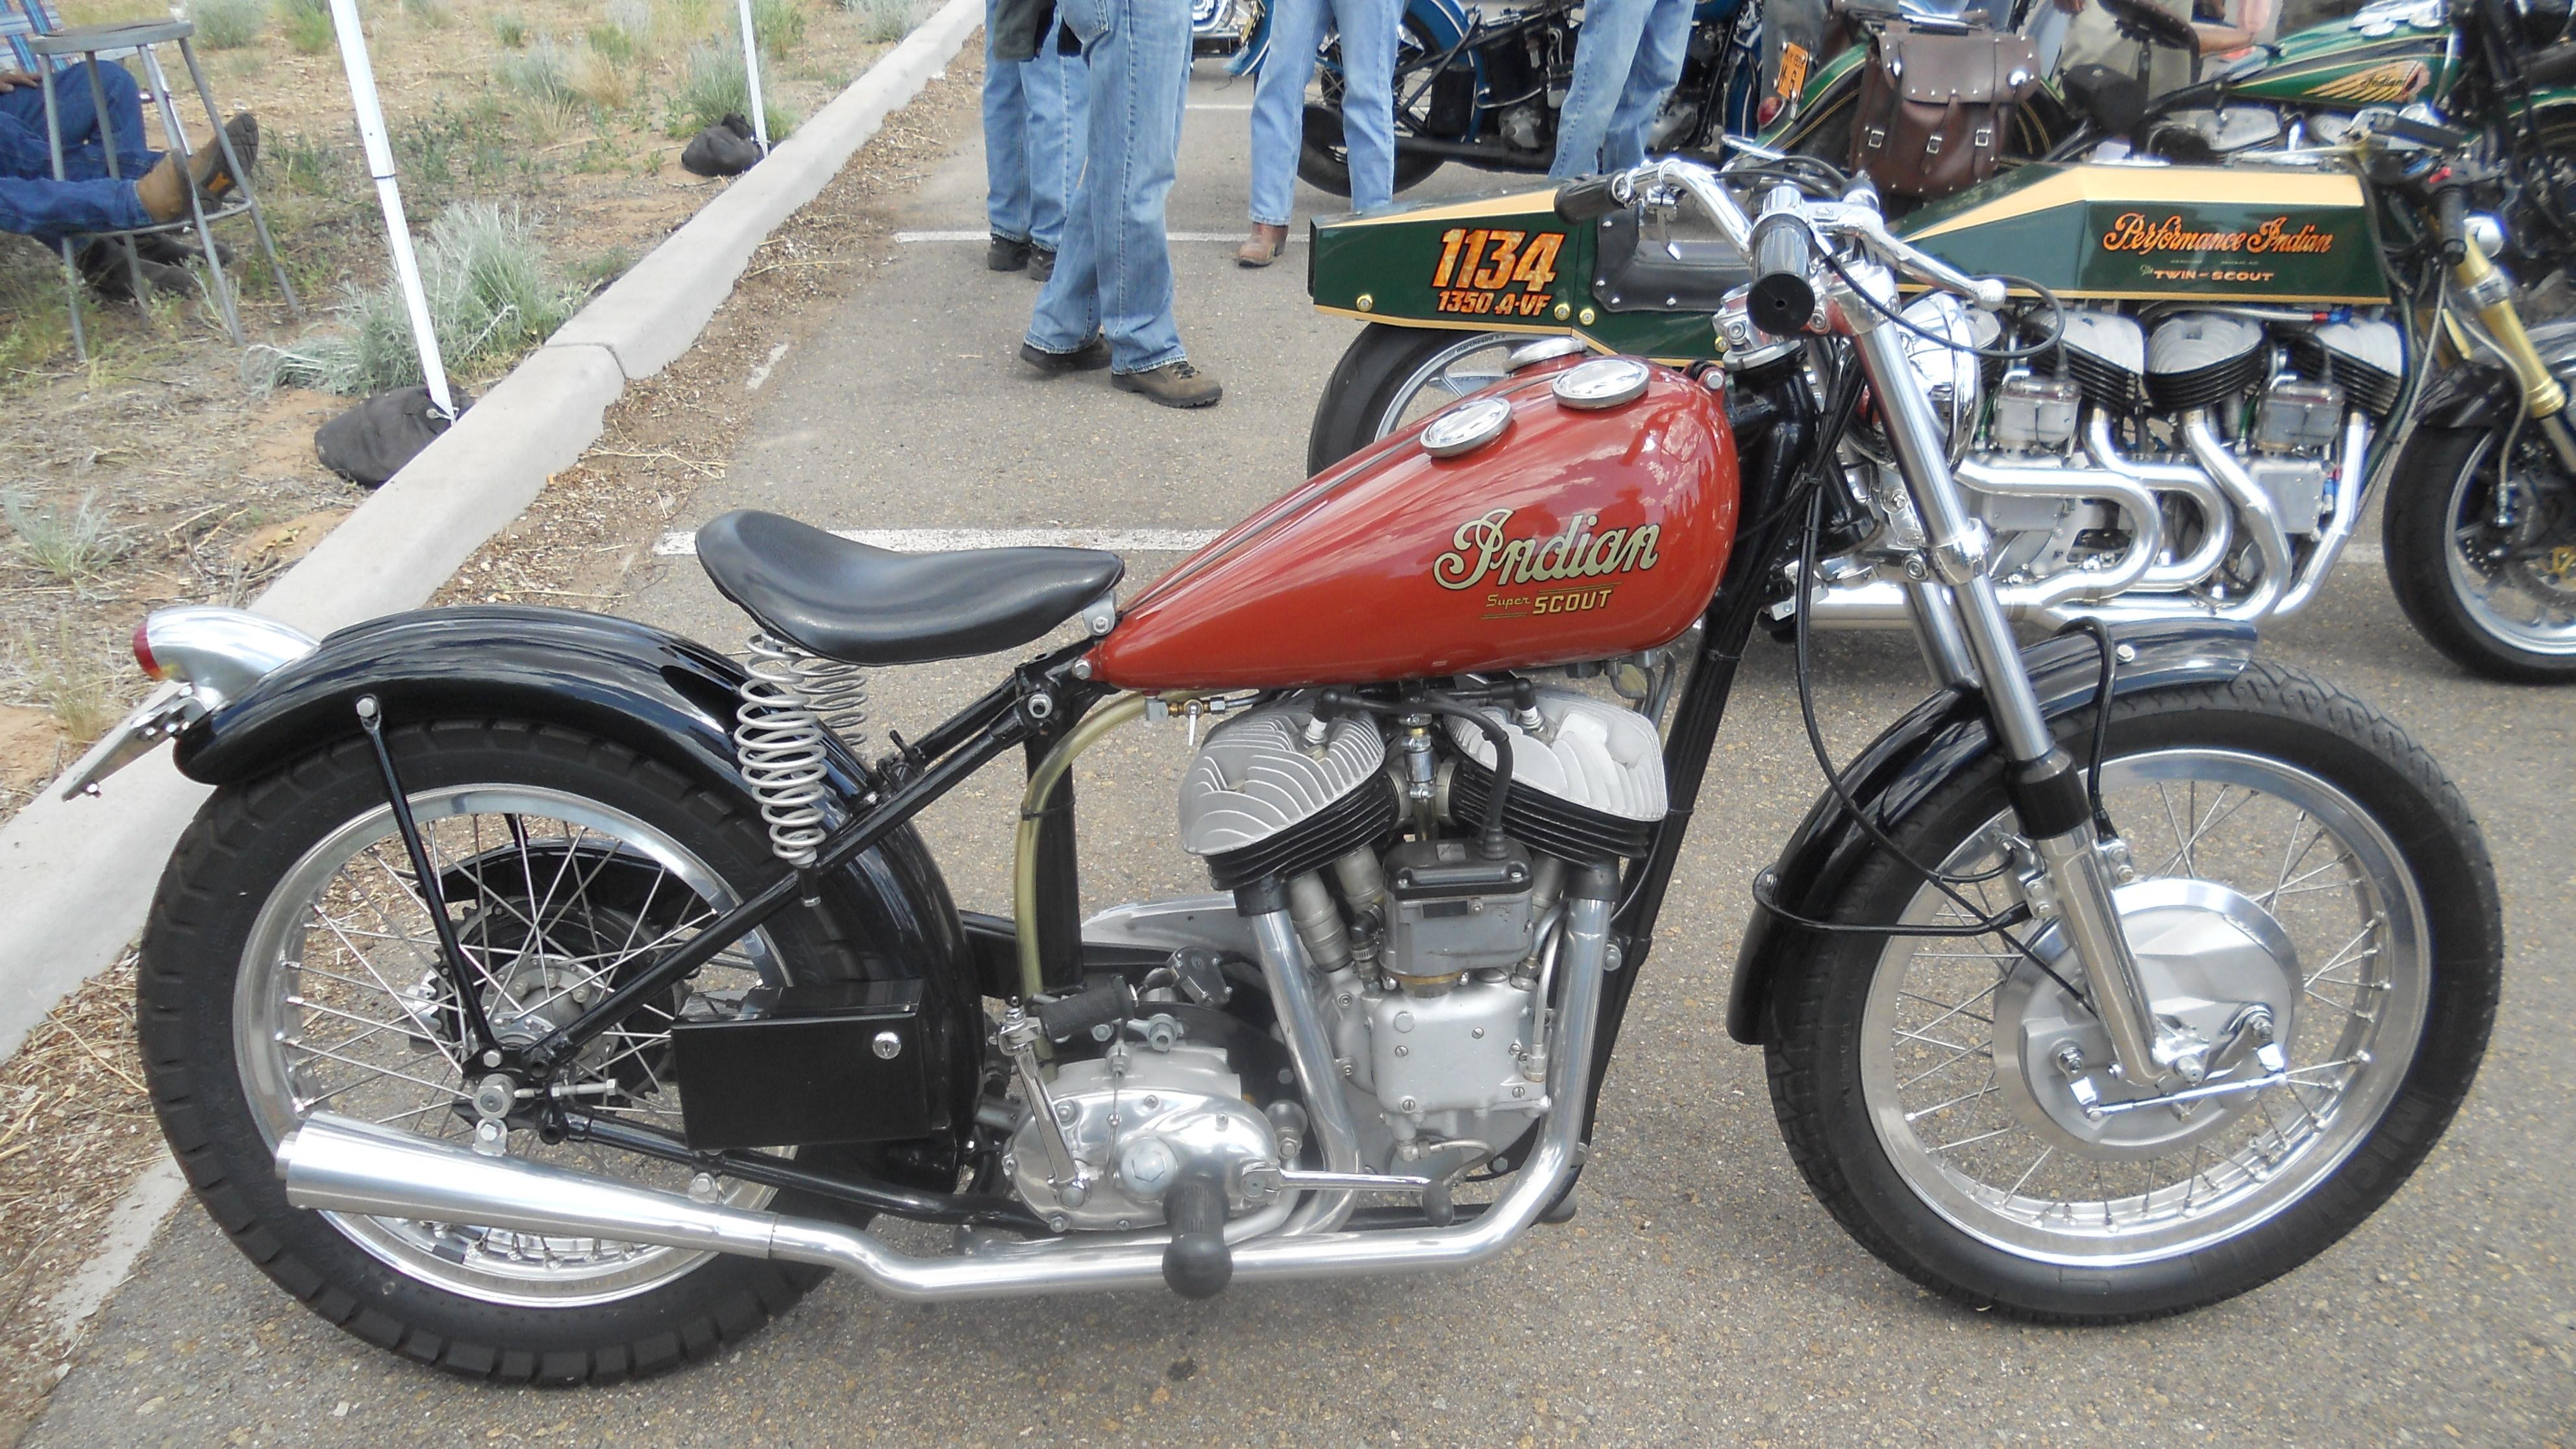 eld0rado motorcycle show june 2012 002.JPG